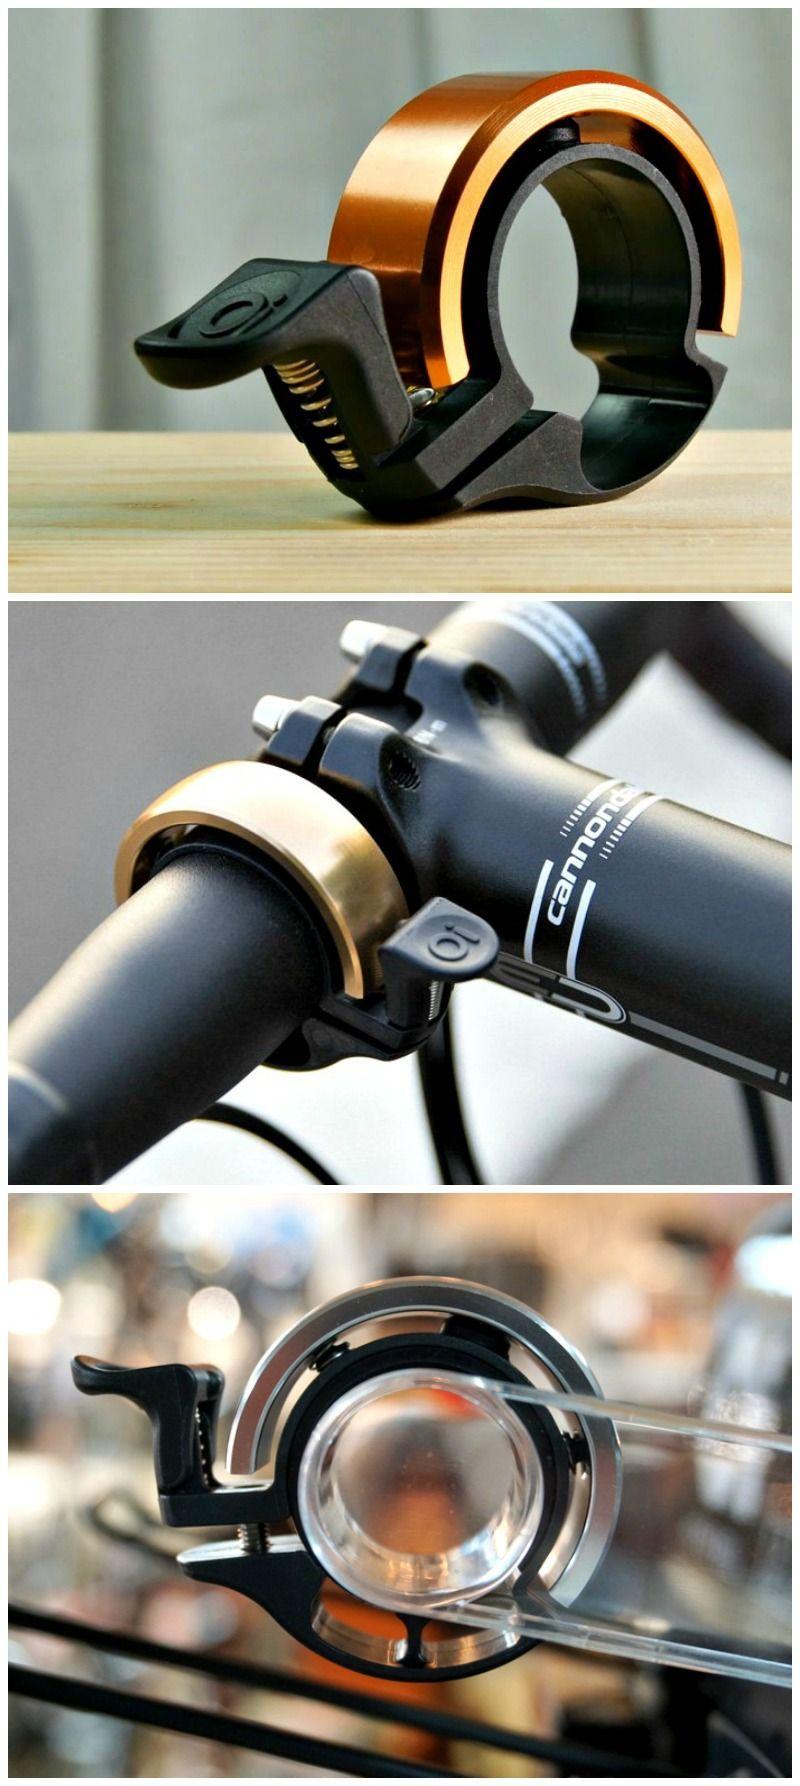 Knog Oi Sounds Like A Bike Bell But Looks Nothing Like One